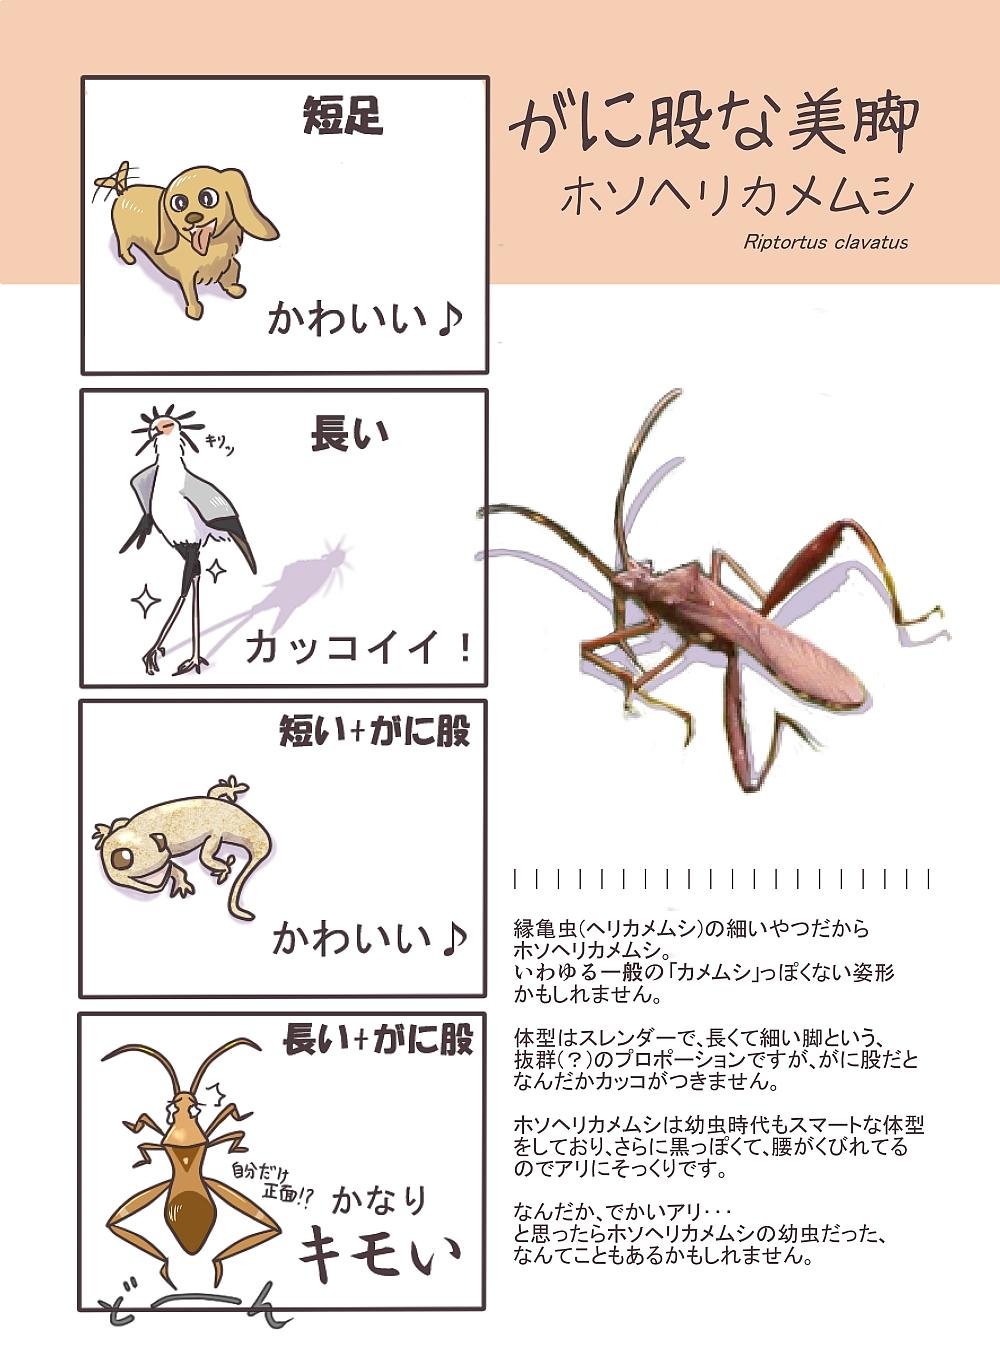 ホソヘリカメムシ